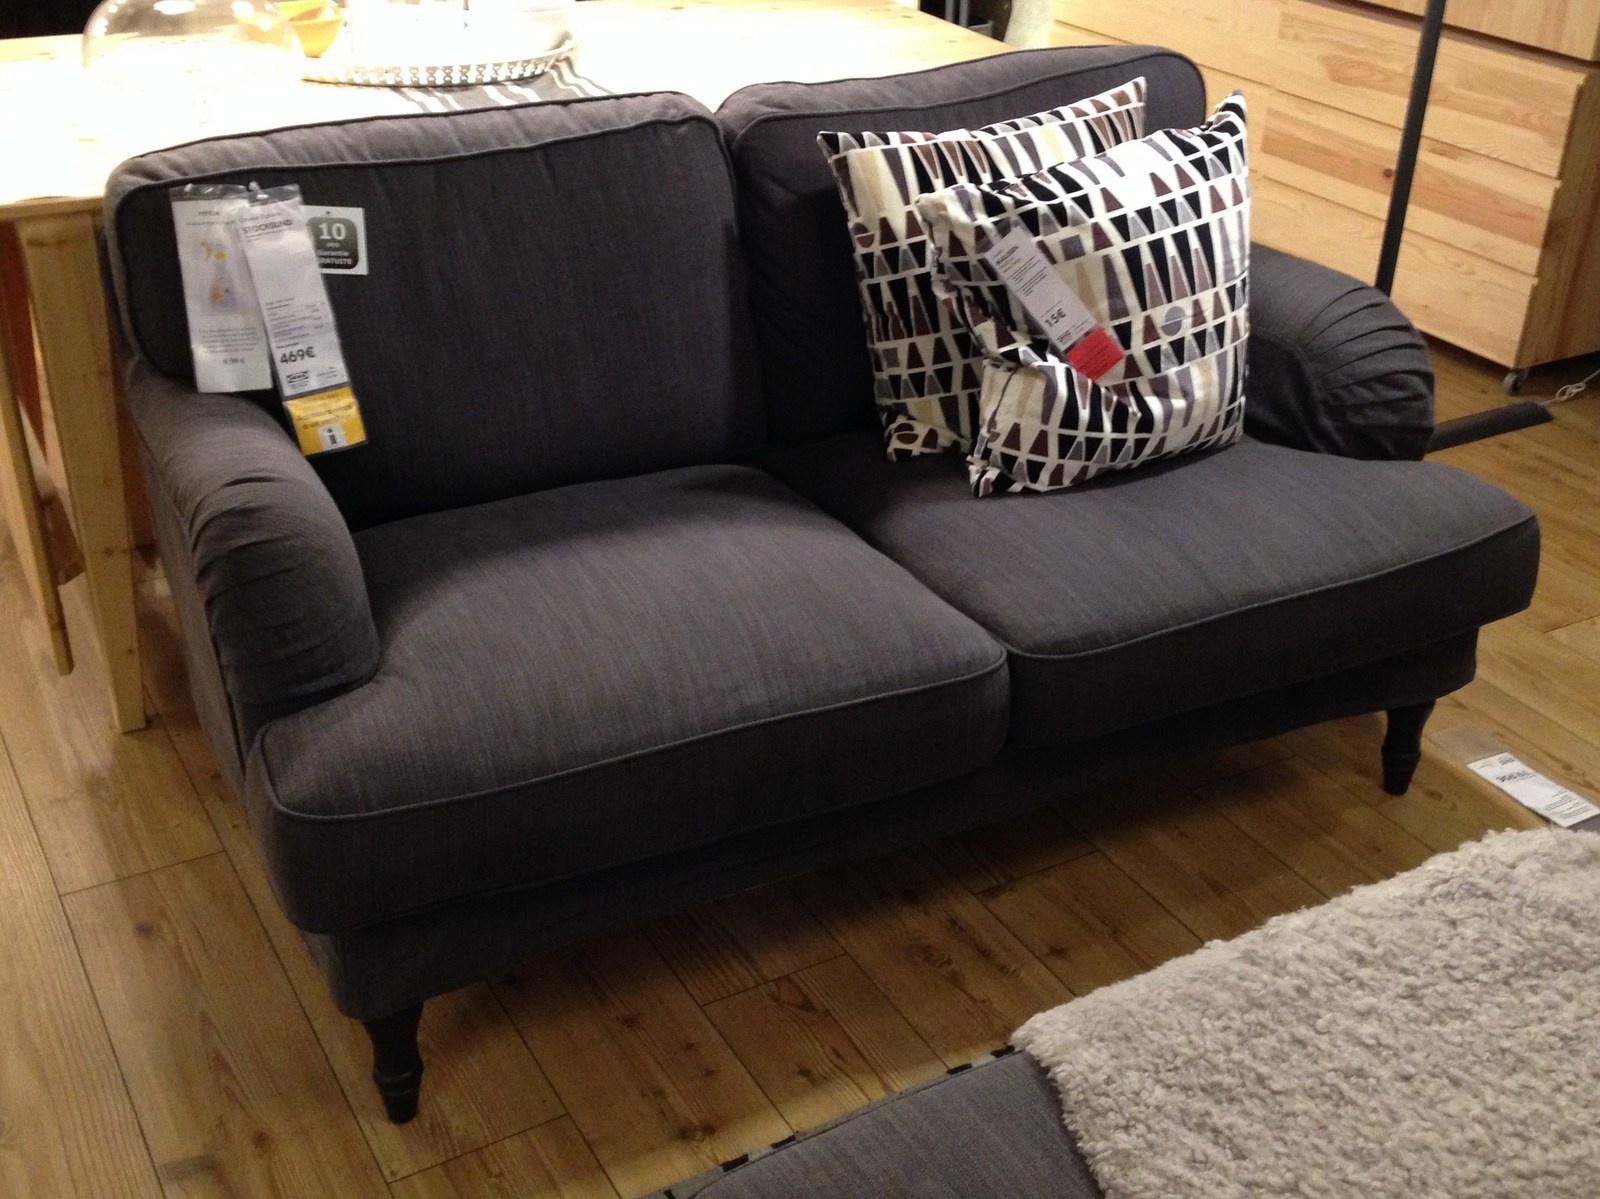 Ikea Canapé D Angle Convertible Frais Photographie Ikea Salon En Cuir